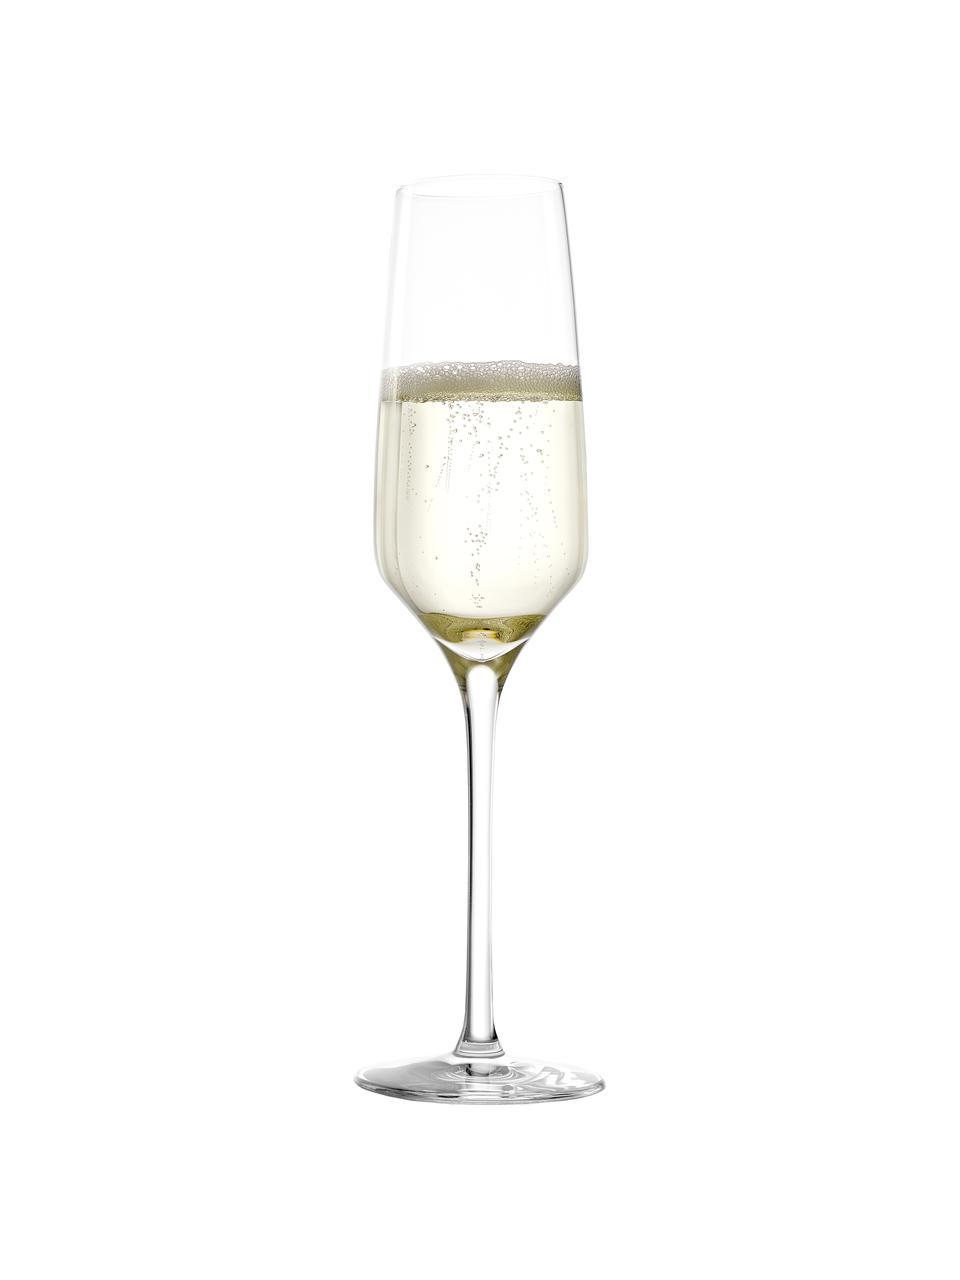 Kieliszek do szampana ze szkła kryształowego Experience, 6 szt., Szkło kryształowe, Transparentny, Ø 6 x W 22 cm